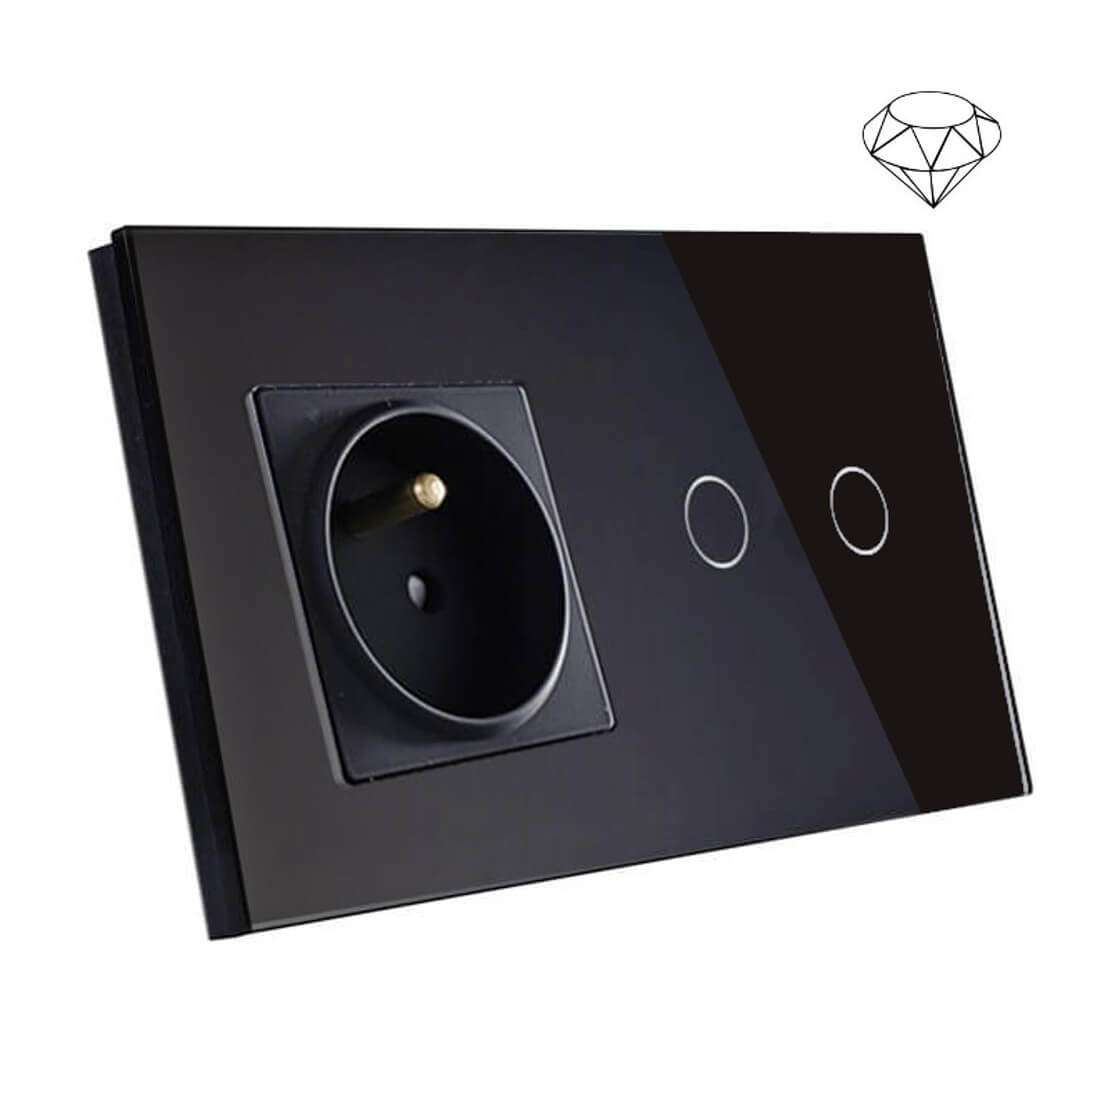 Szklany wyłącznik światła dotykowy łazienkowy podwójny, dwie puszki, czarny